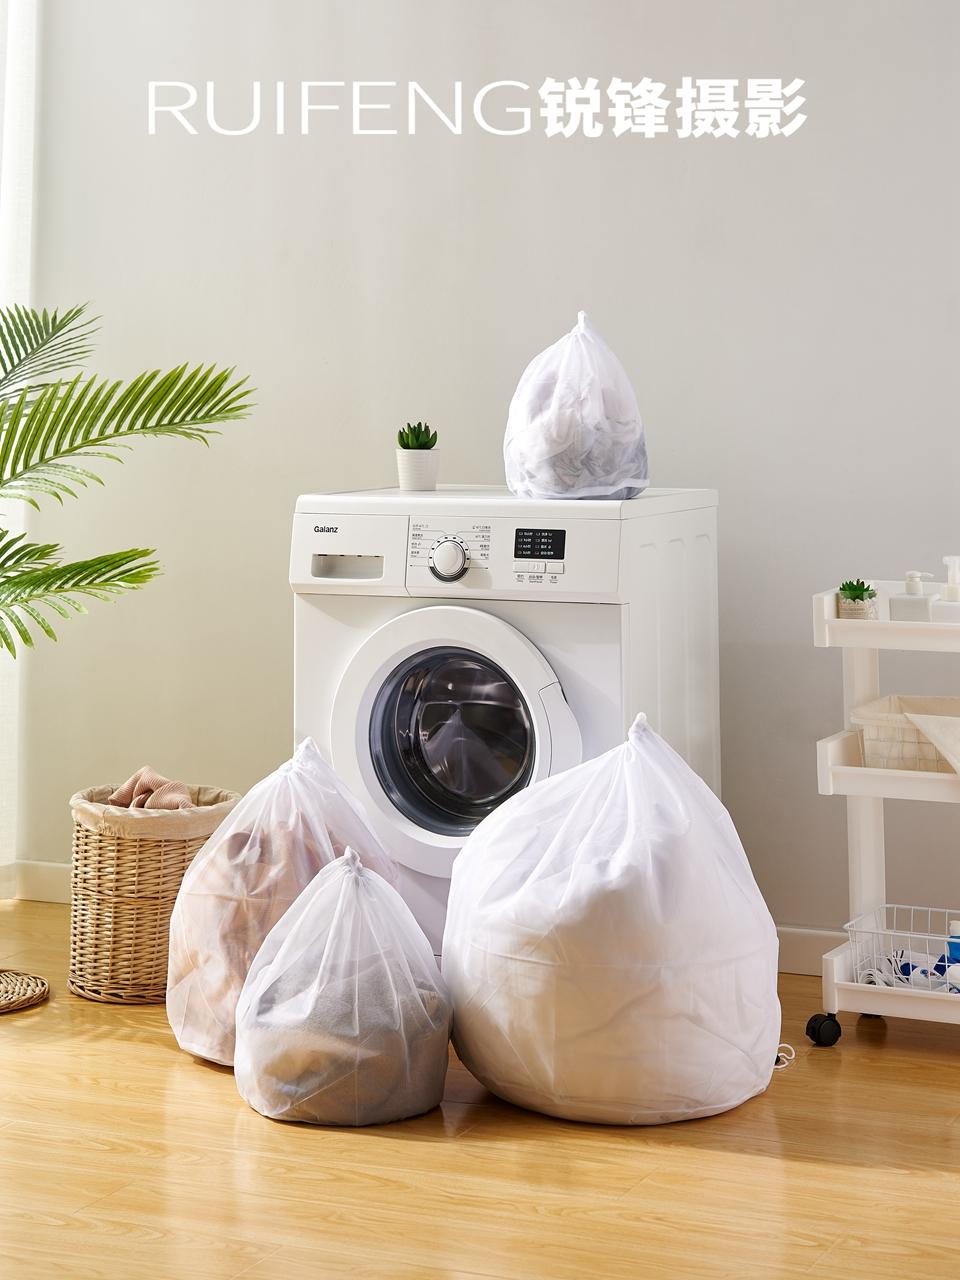 武汉产品拍摄|洗衣袋拍摄|洗涤用品摄影|RUIFENG锐锋摄影工作室